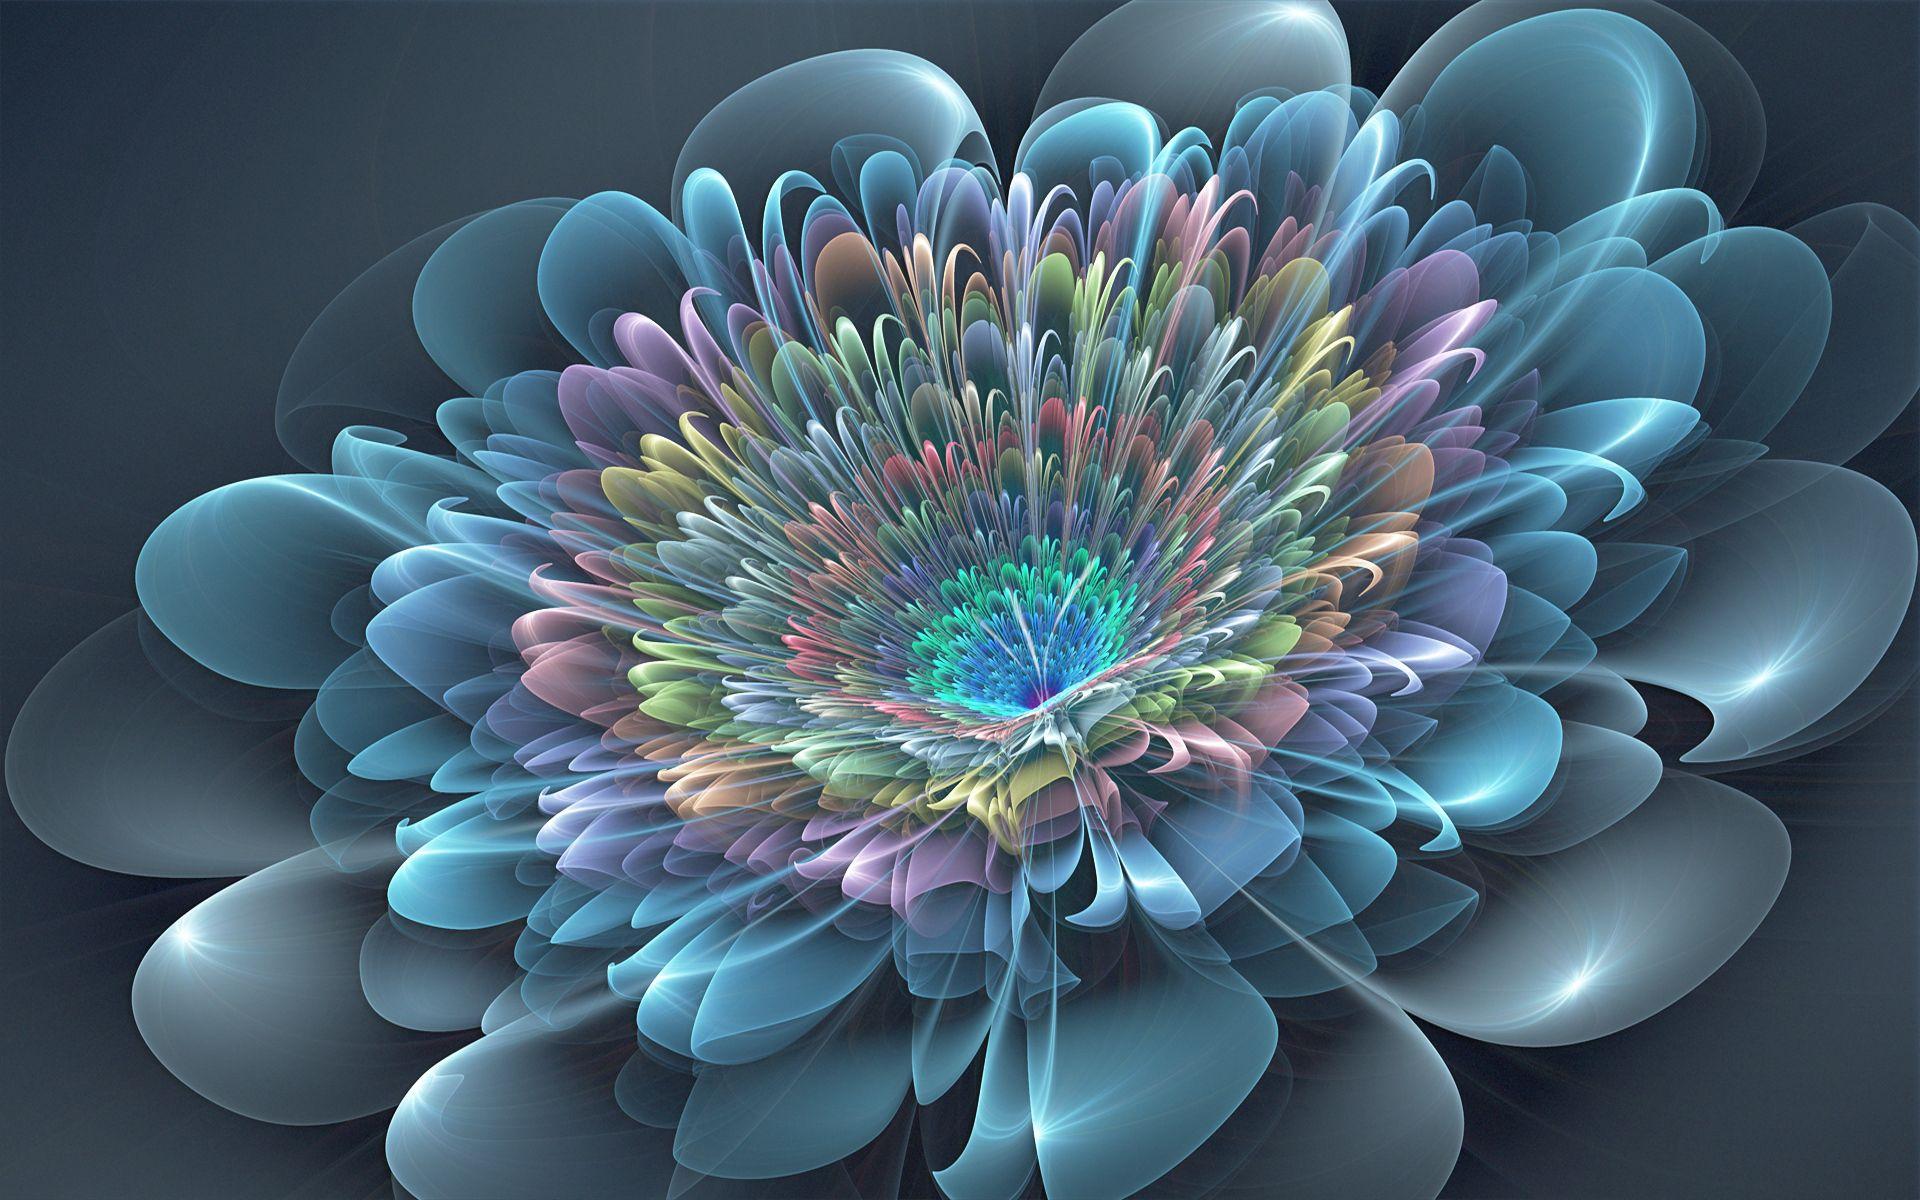 146856 завантажити шпалери Абстракція, Квітка, Пелюстки, Фрактал, Фон - заставки і картинки безкоштовно